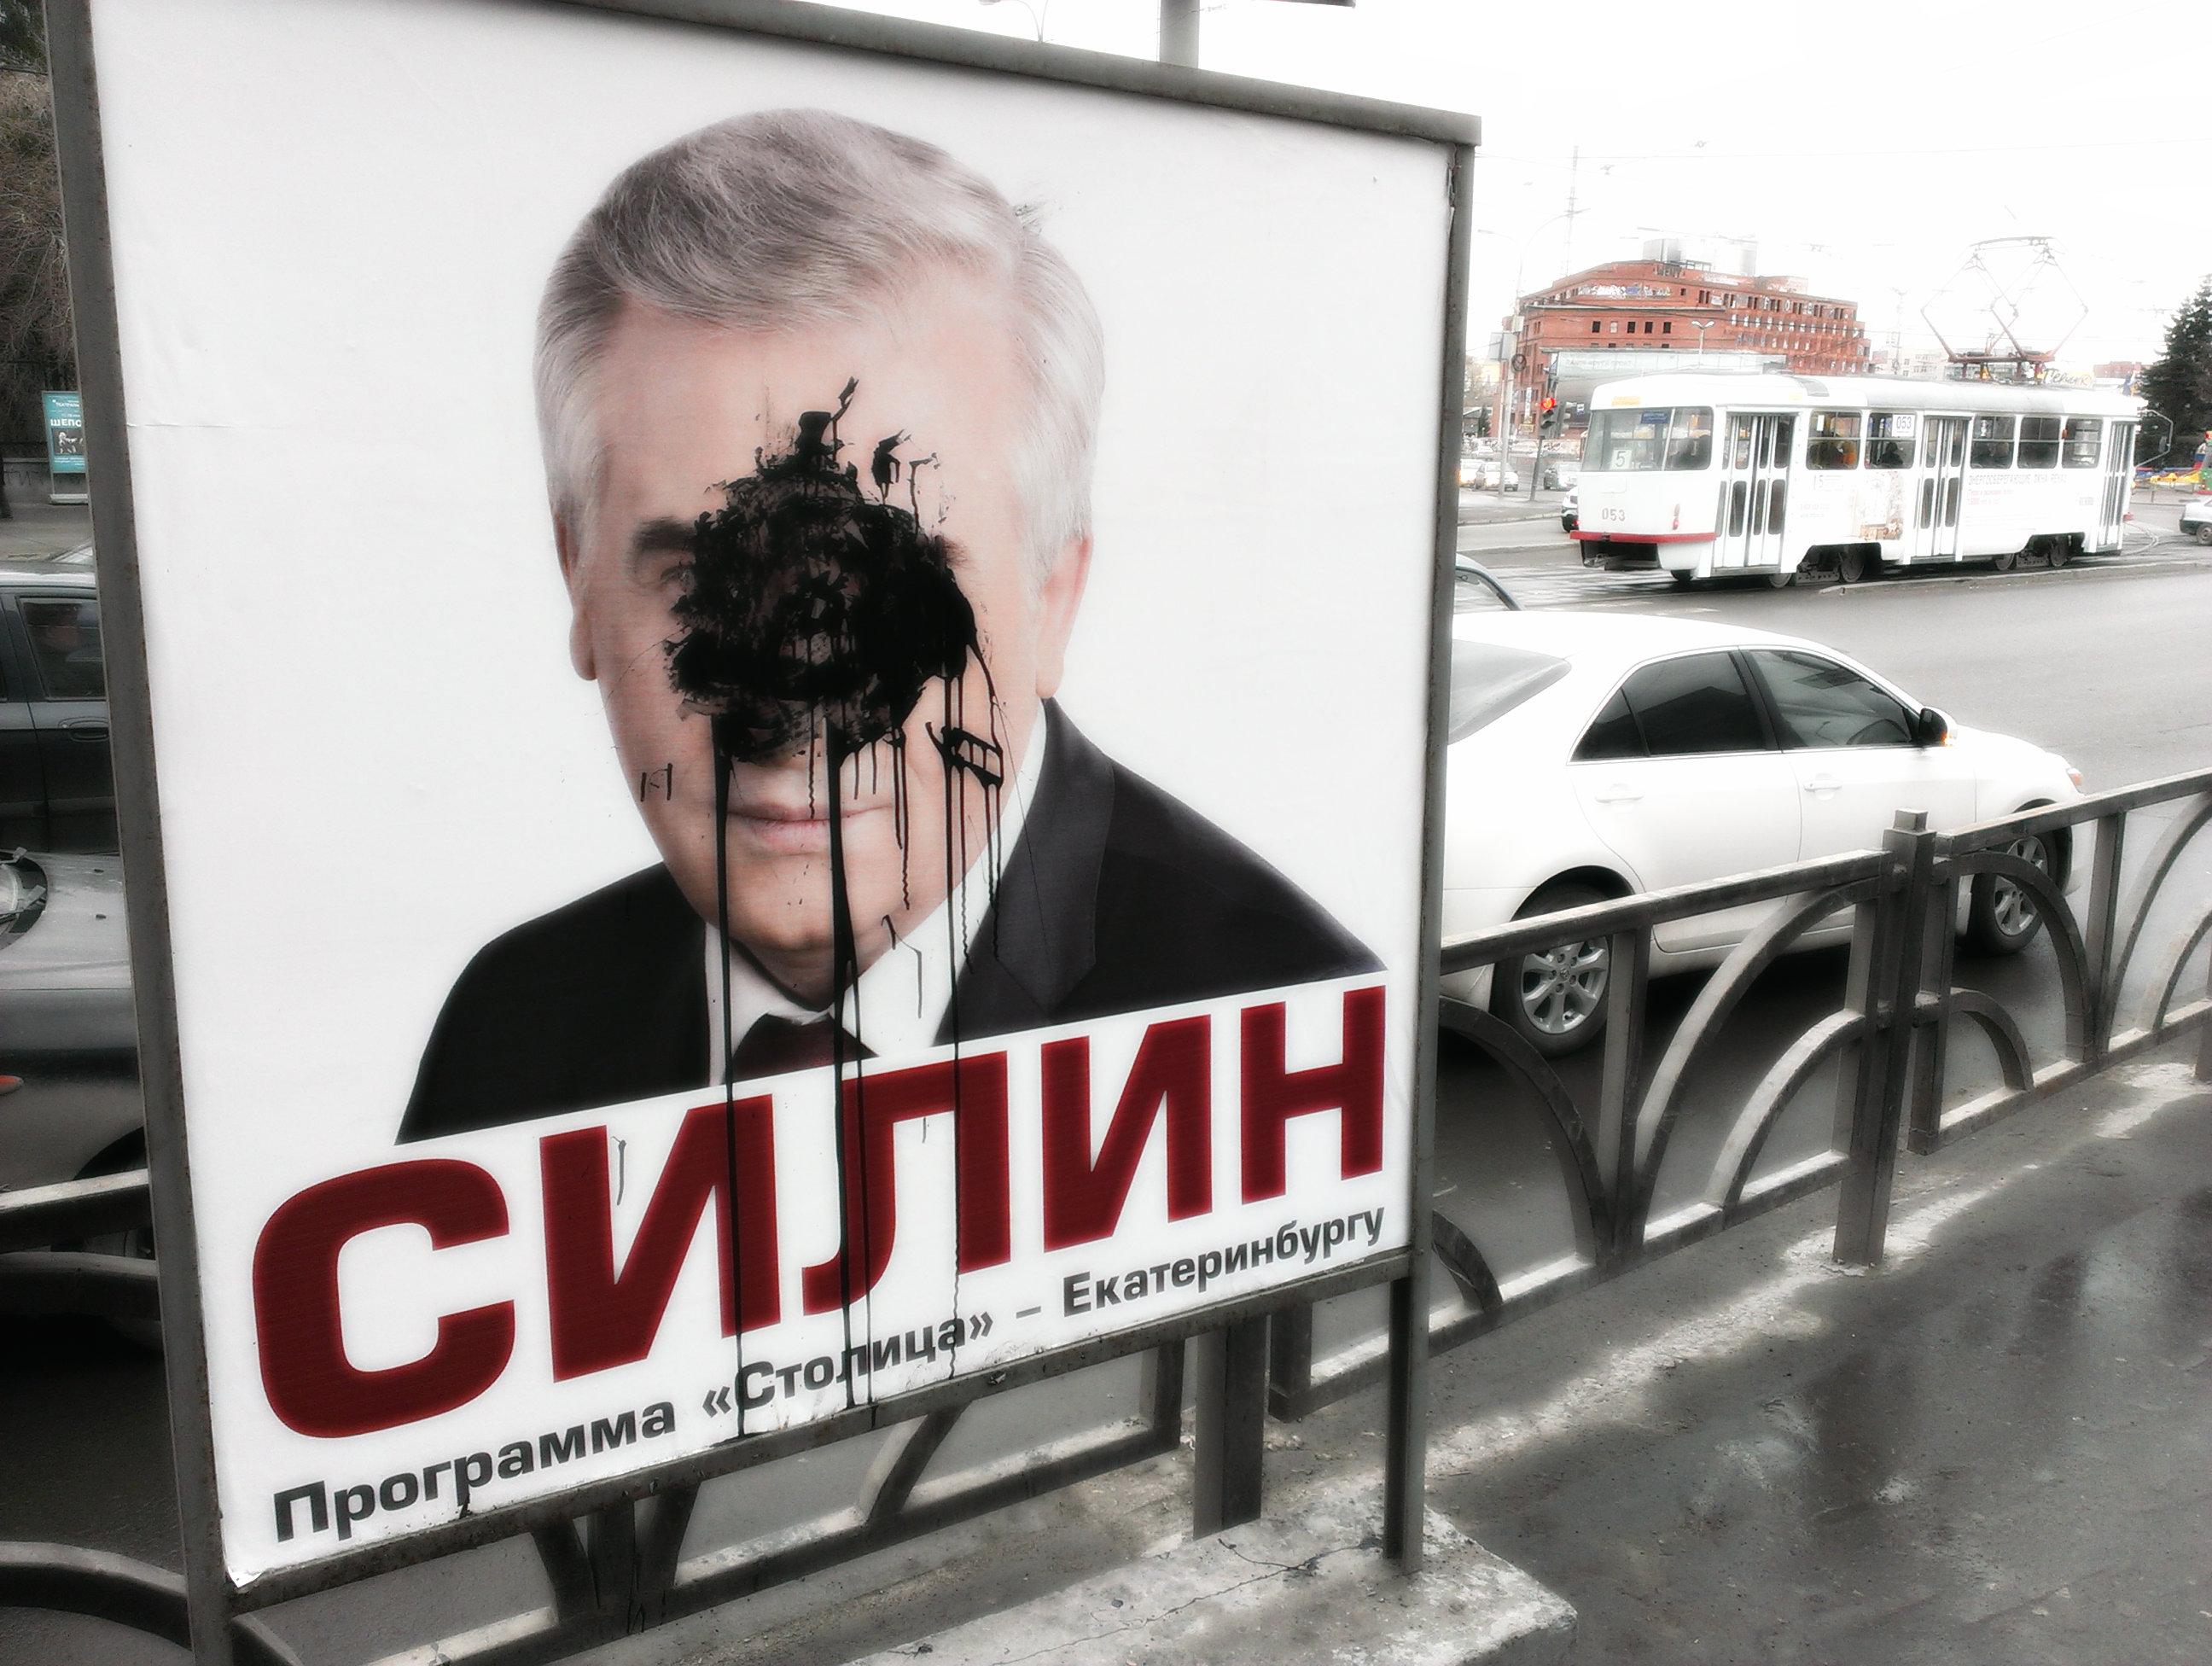 Филин или пилим: в Екатеринбурге началась предвыборная война